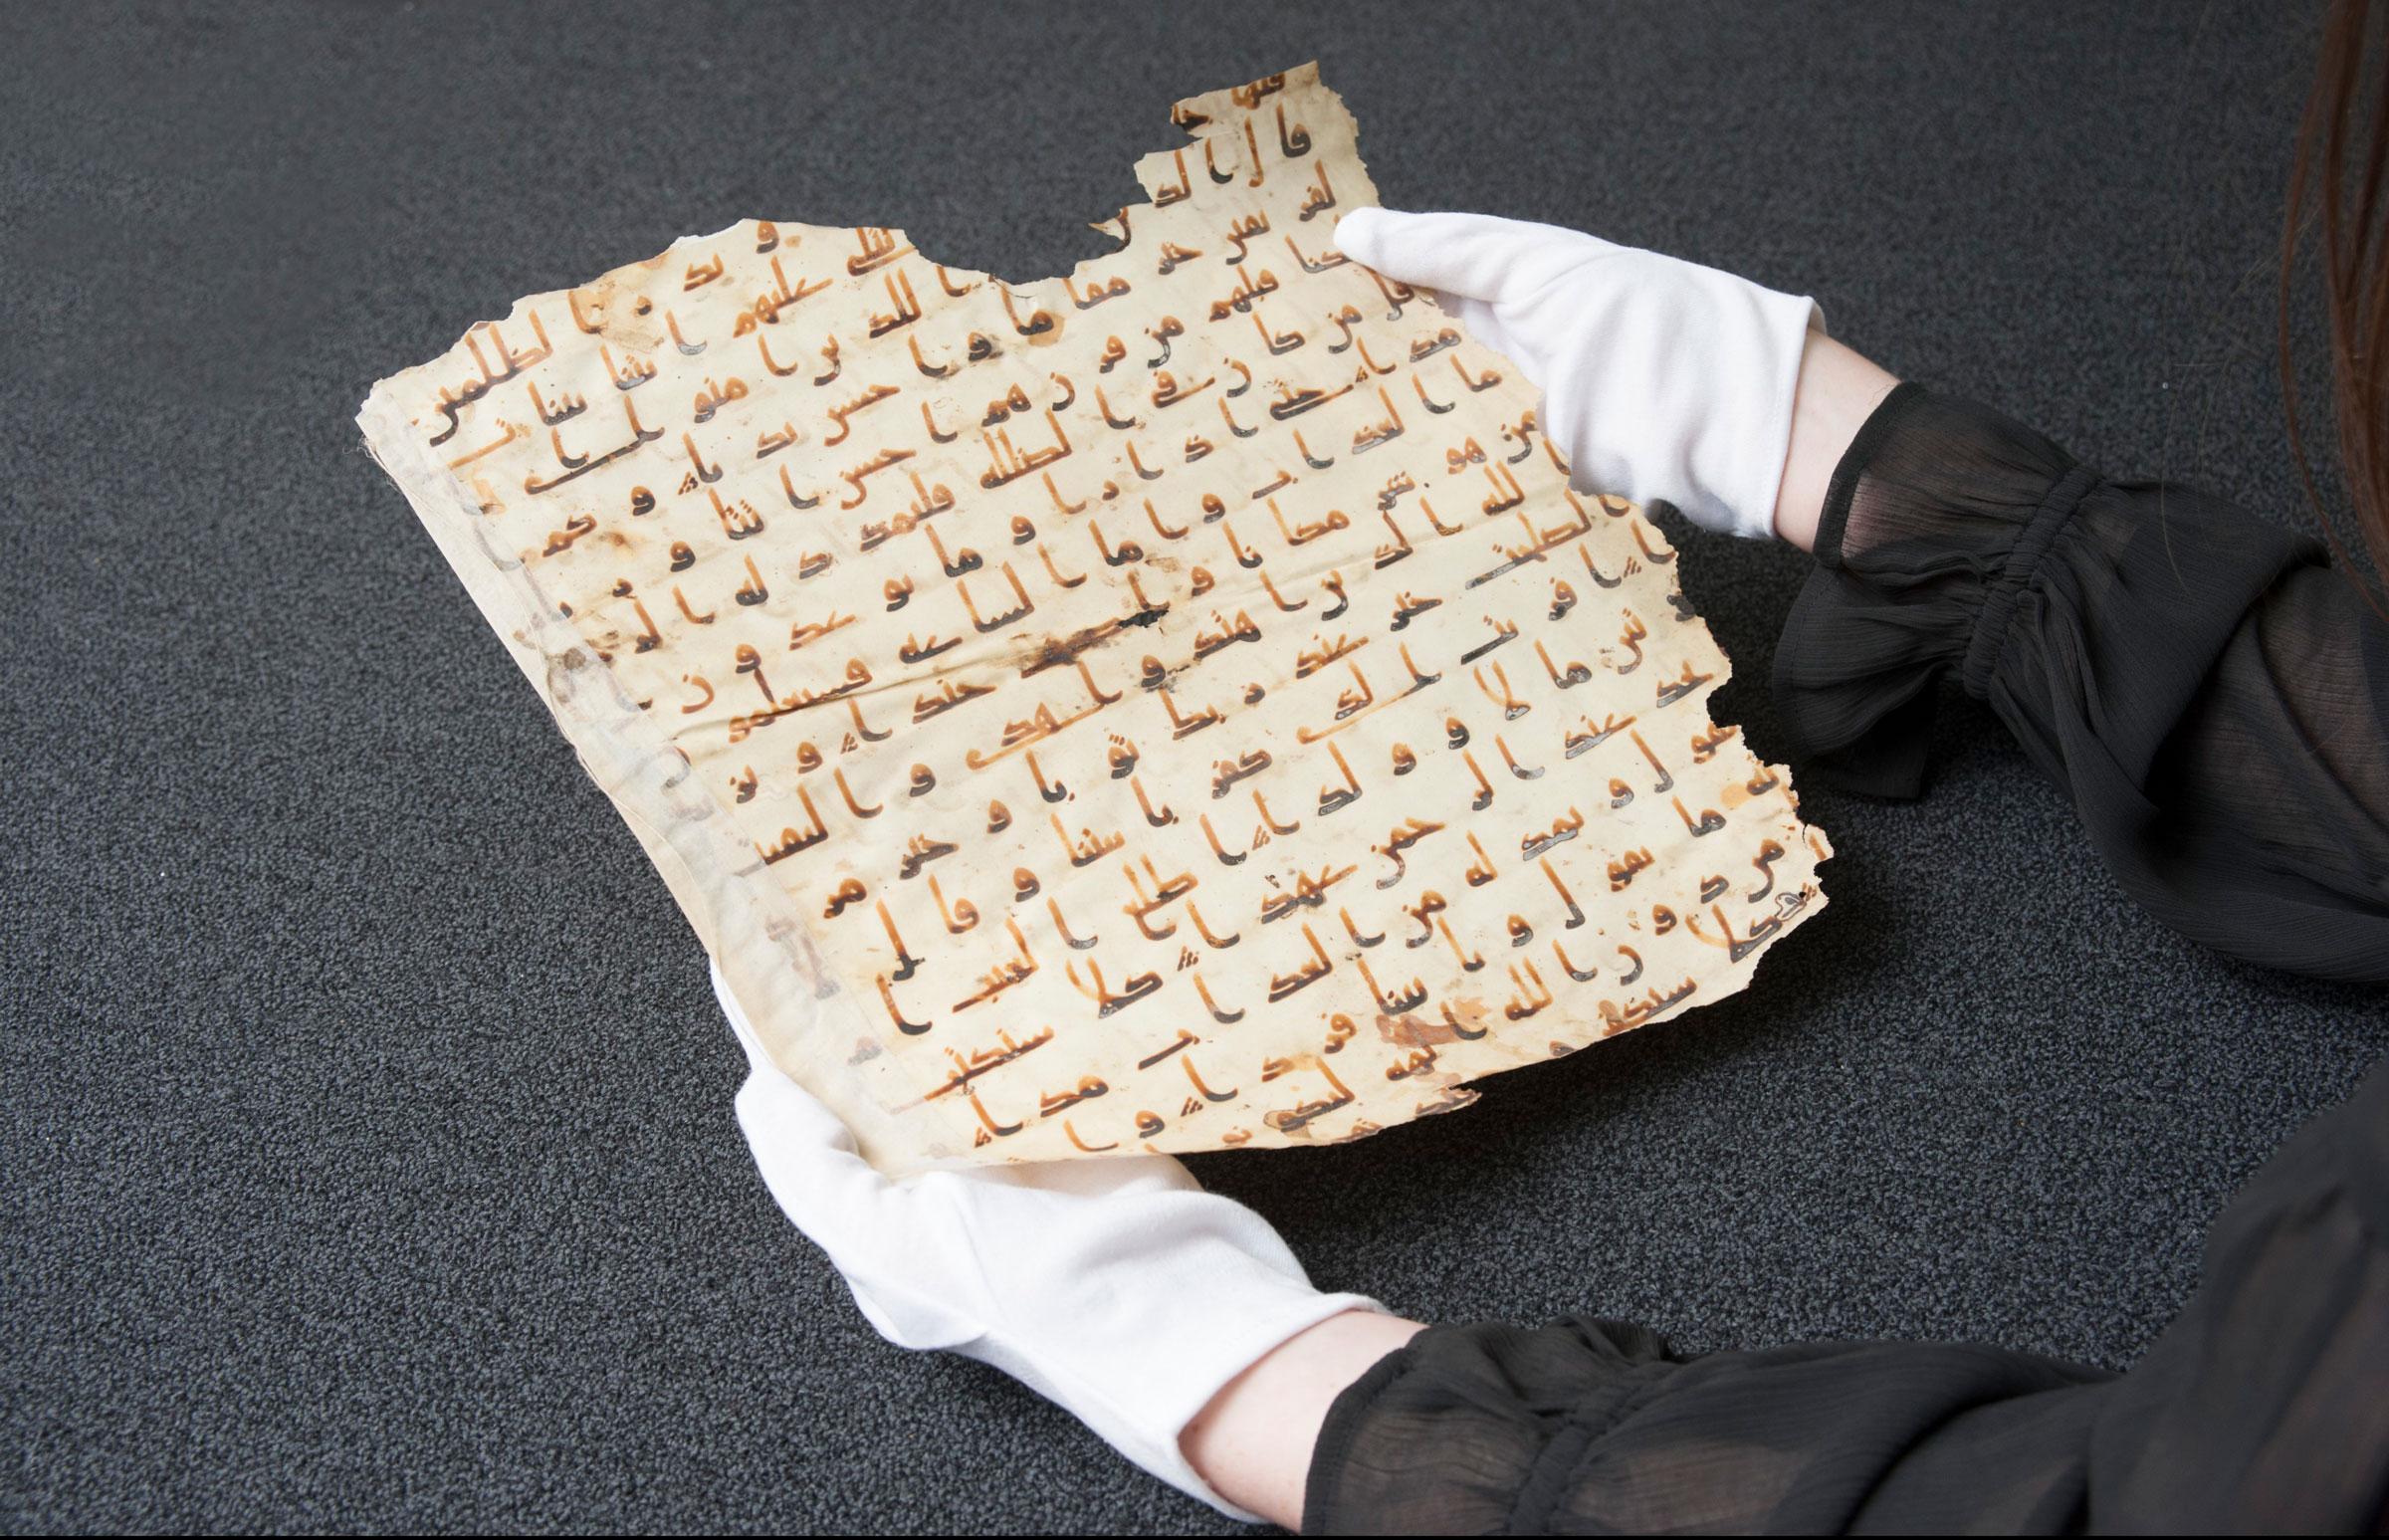 13990901000270 Test NewPhotoFree - برگی از قدیمیترین قرآن جهان حراج شد + تصاویر